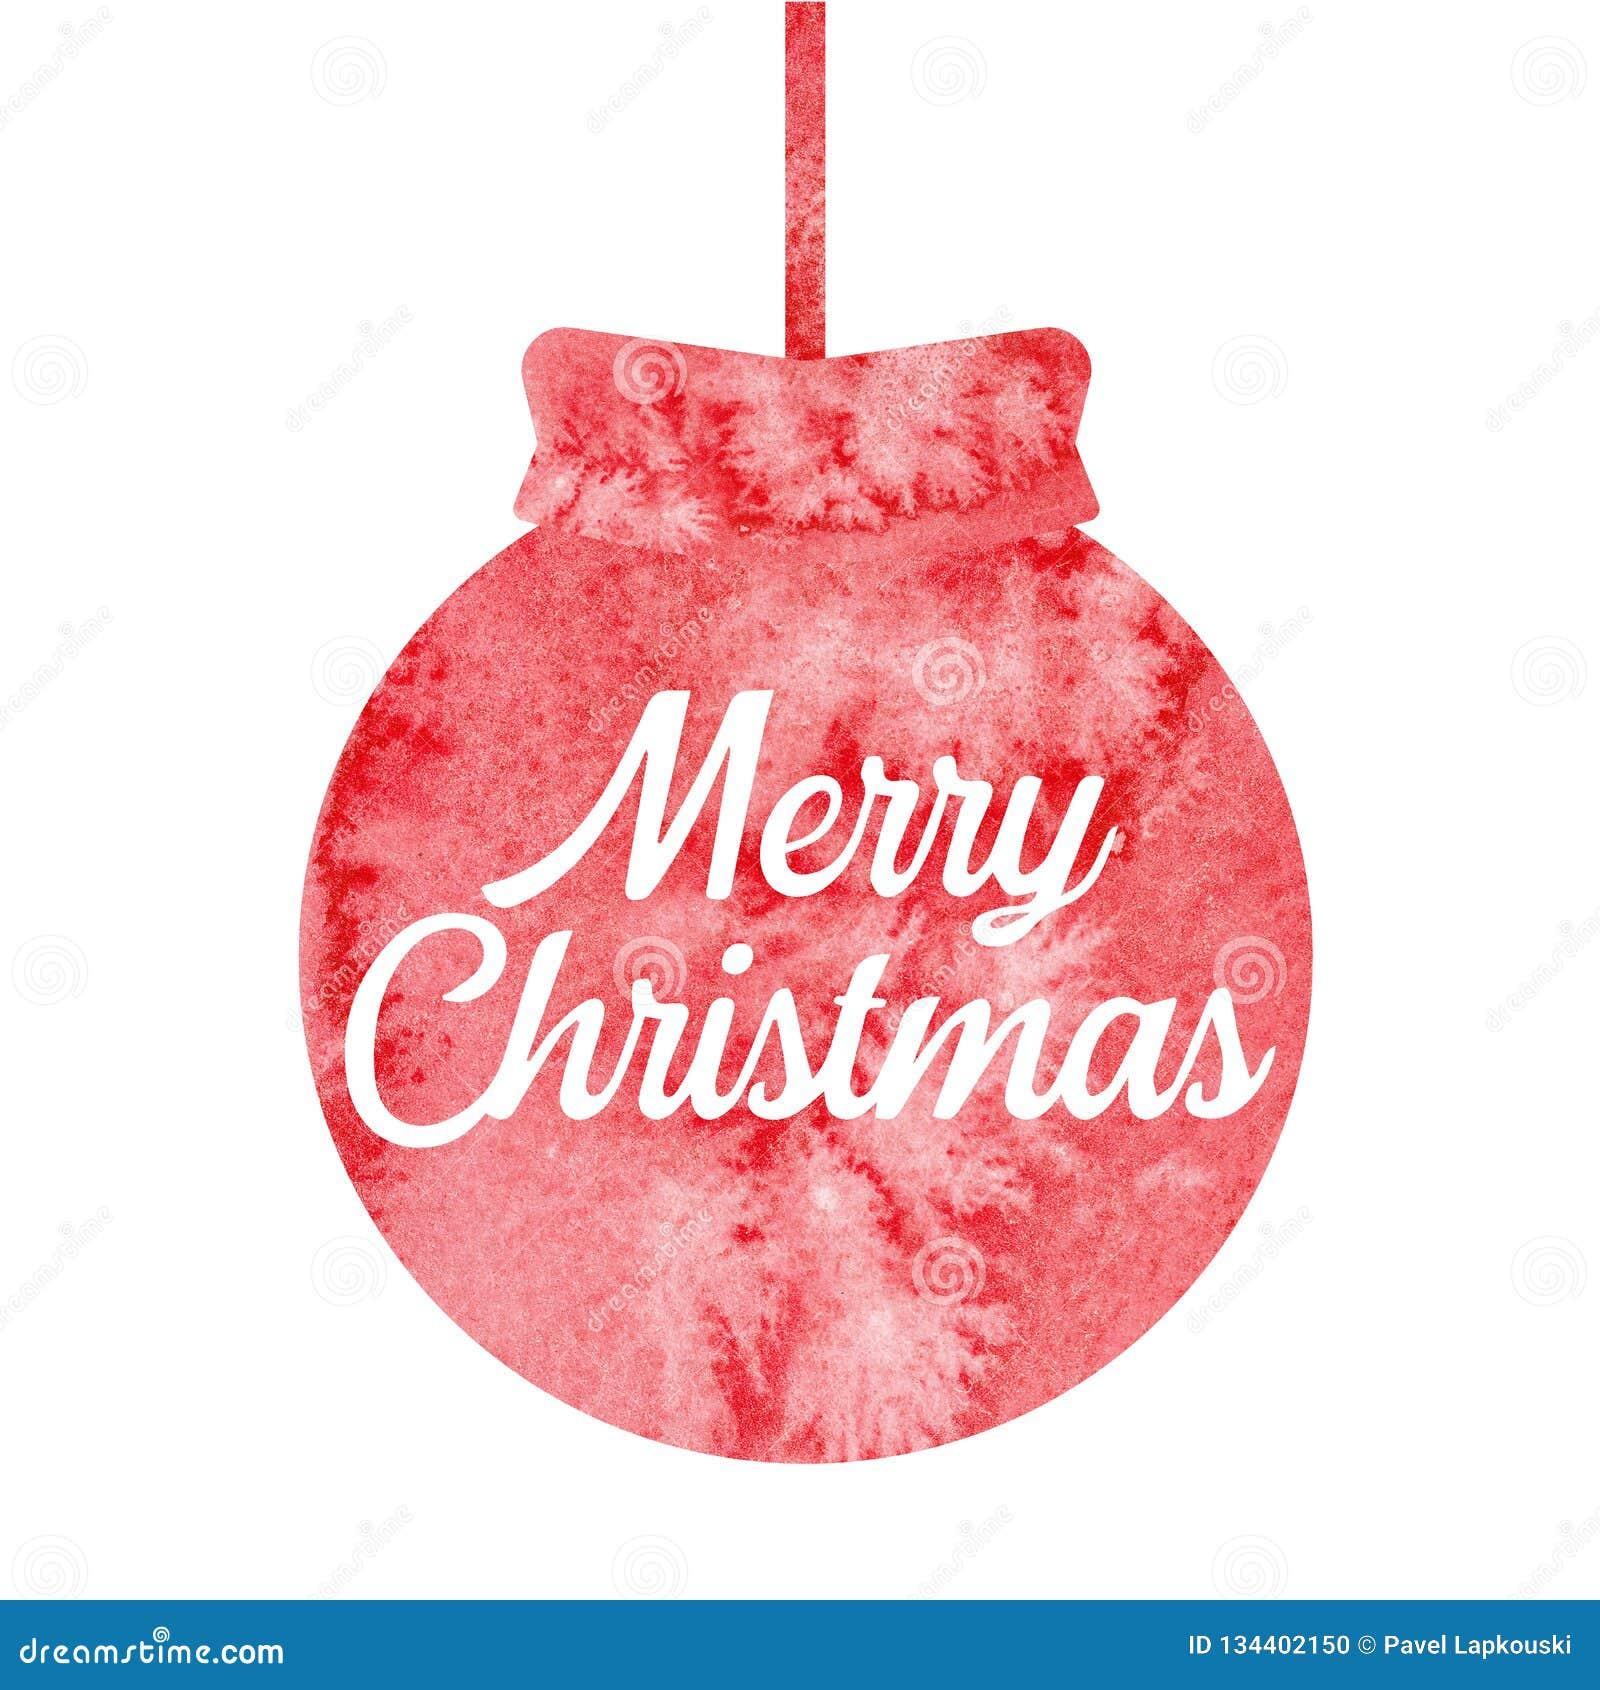 Feliz Navidad Saludo de la tarjeta de Navidad con la bola roja de la Navidad watercolor